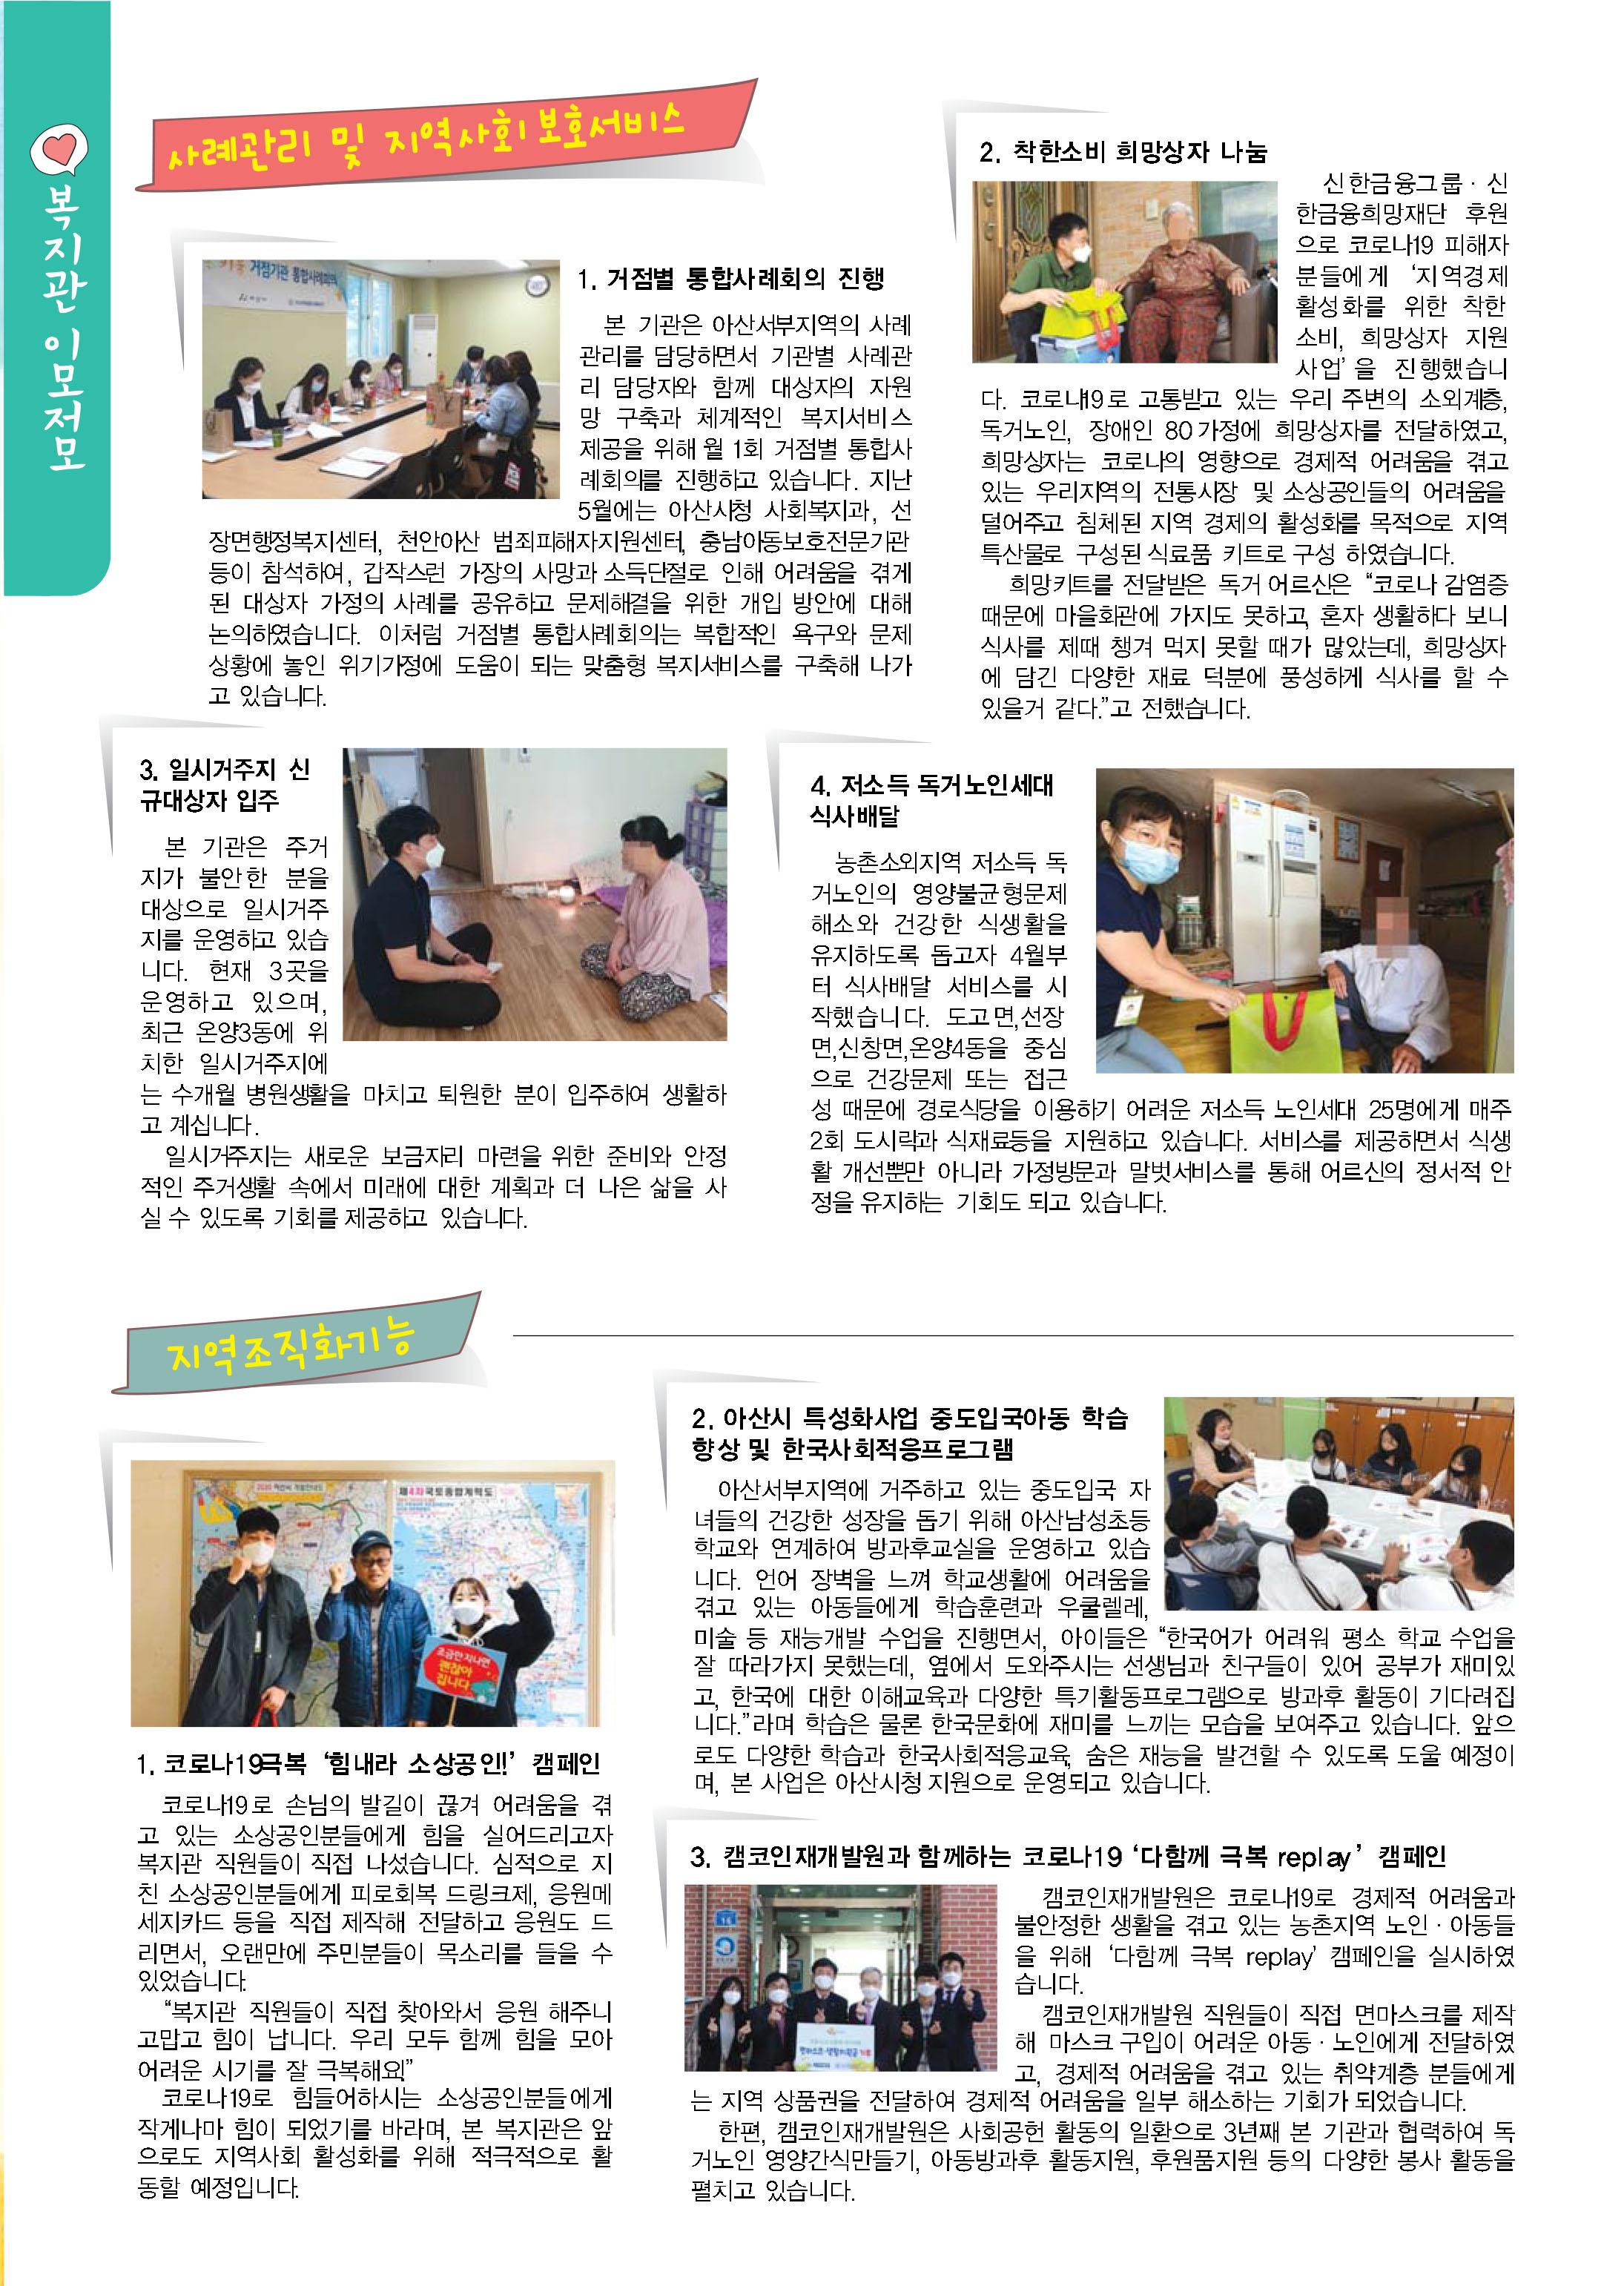 옹달샘-38호최종-3.jpg